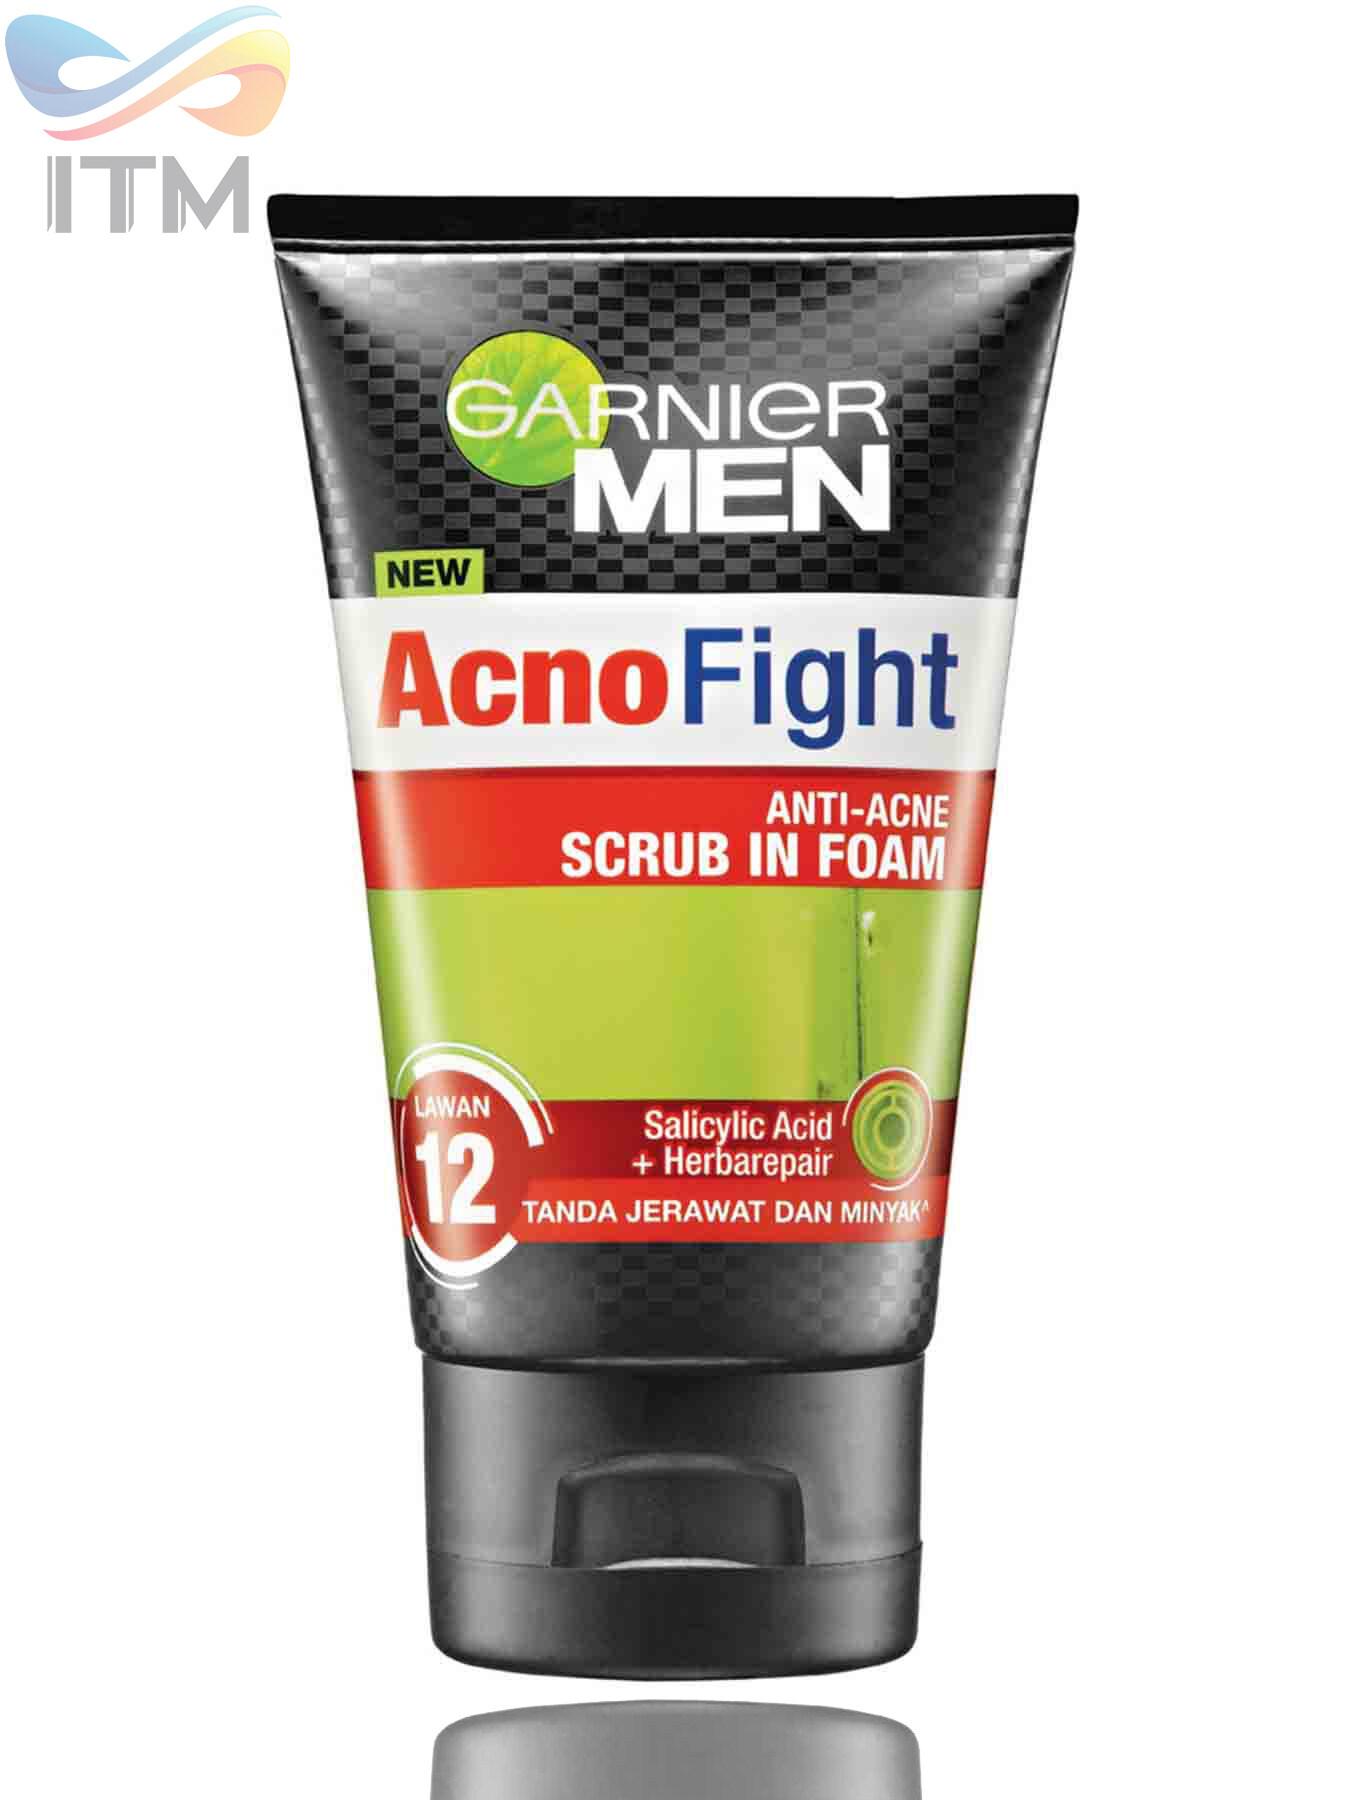 GARNIER MEN ACNO FIGHT 12 IN 1 ANTI-ACNE SCRUB IN FOAM 100ML